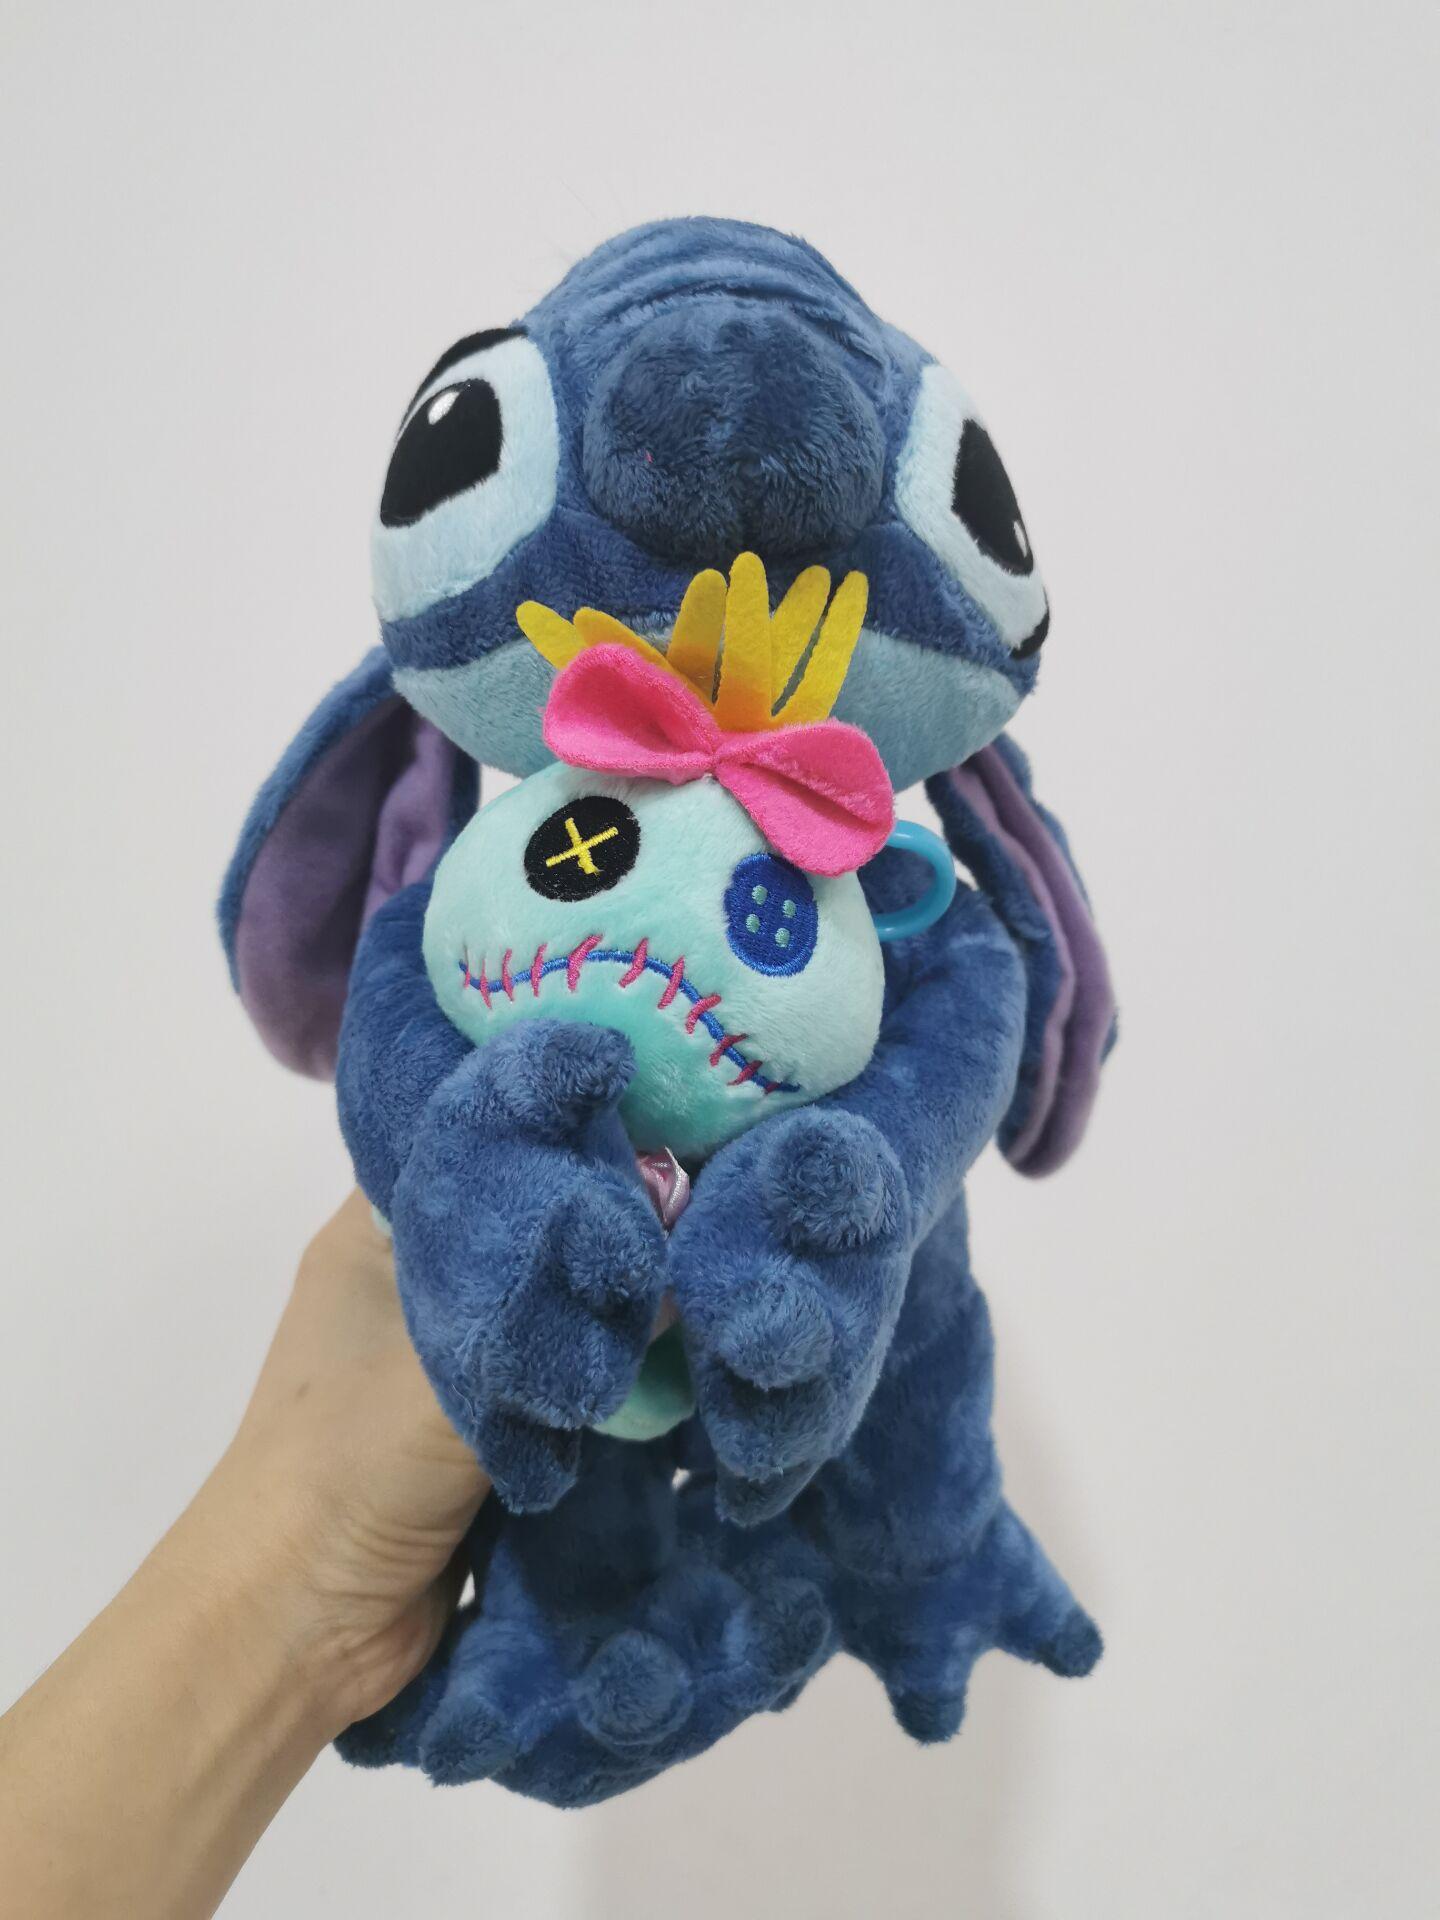 Потрясающий синий Лило и стежок, обнимающий ворс, стиль, плюшевая коллекция для мальчиков, игрушки, мультяшный рисунок, игрушка, кукла 37 см, а...